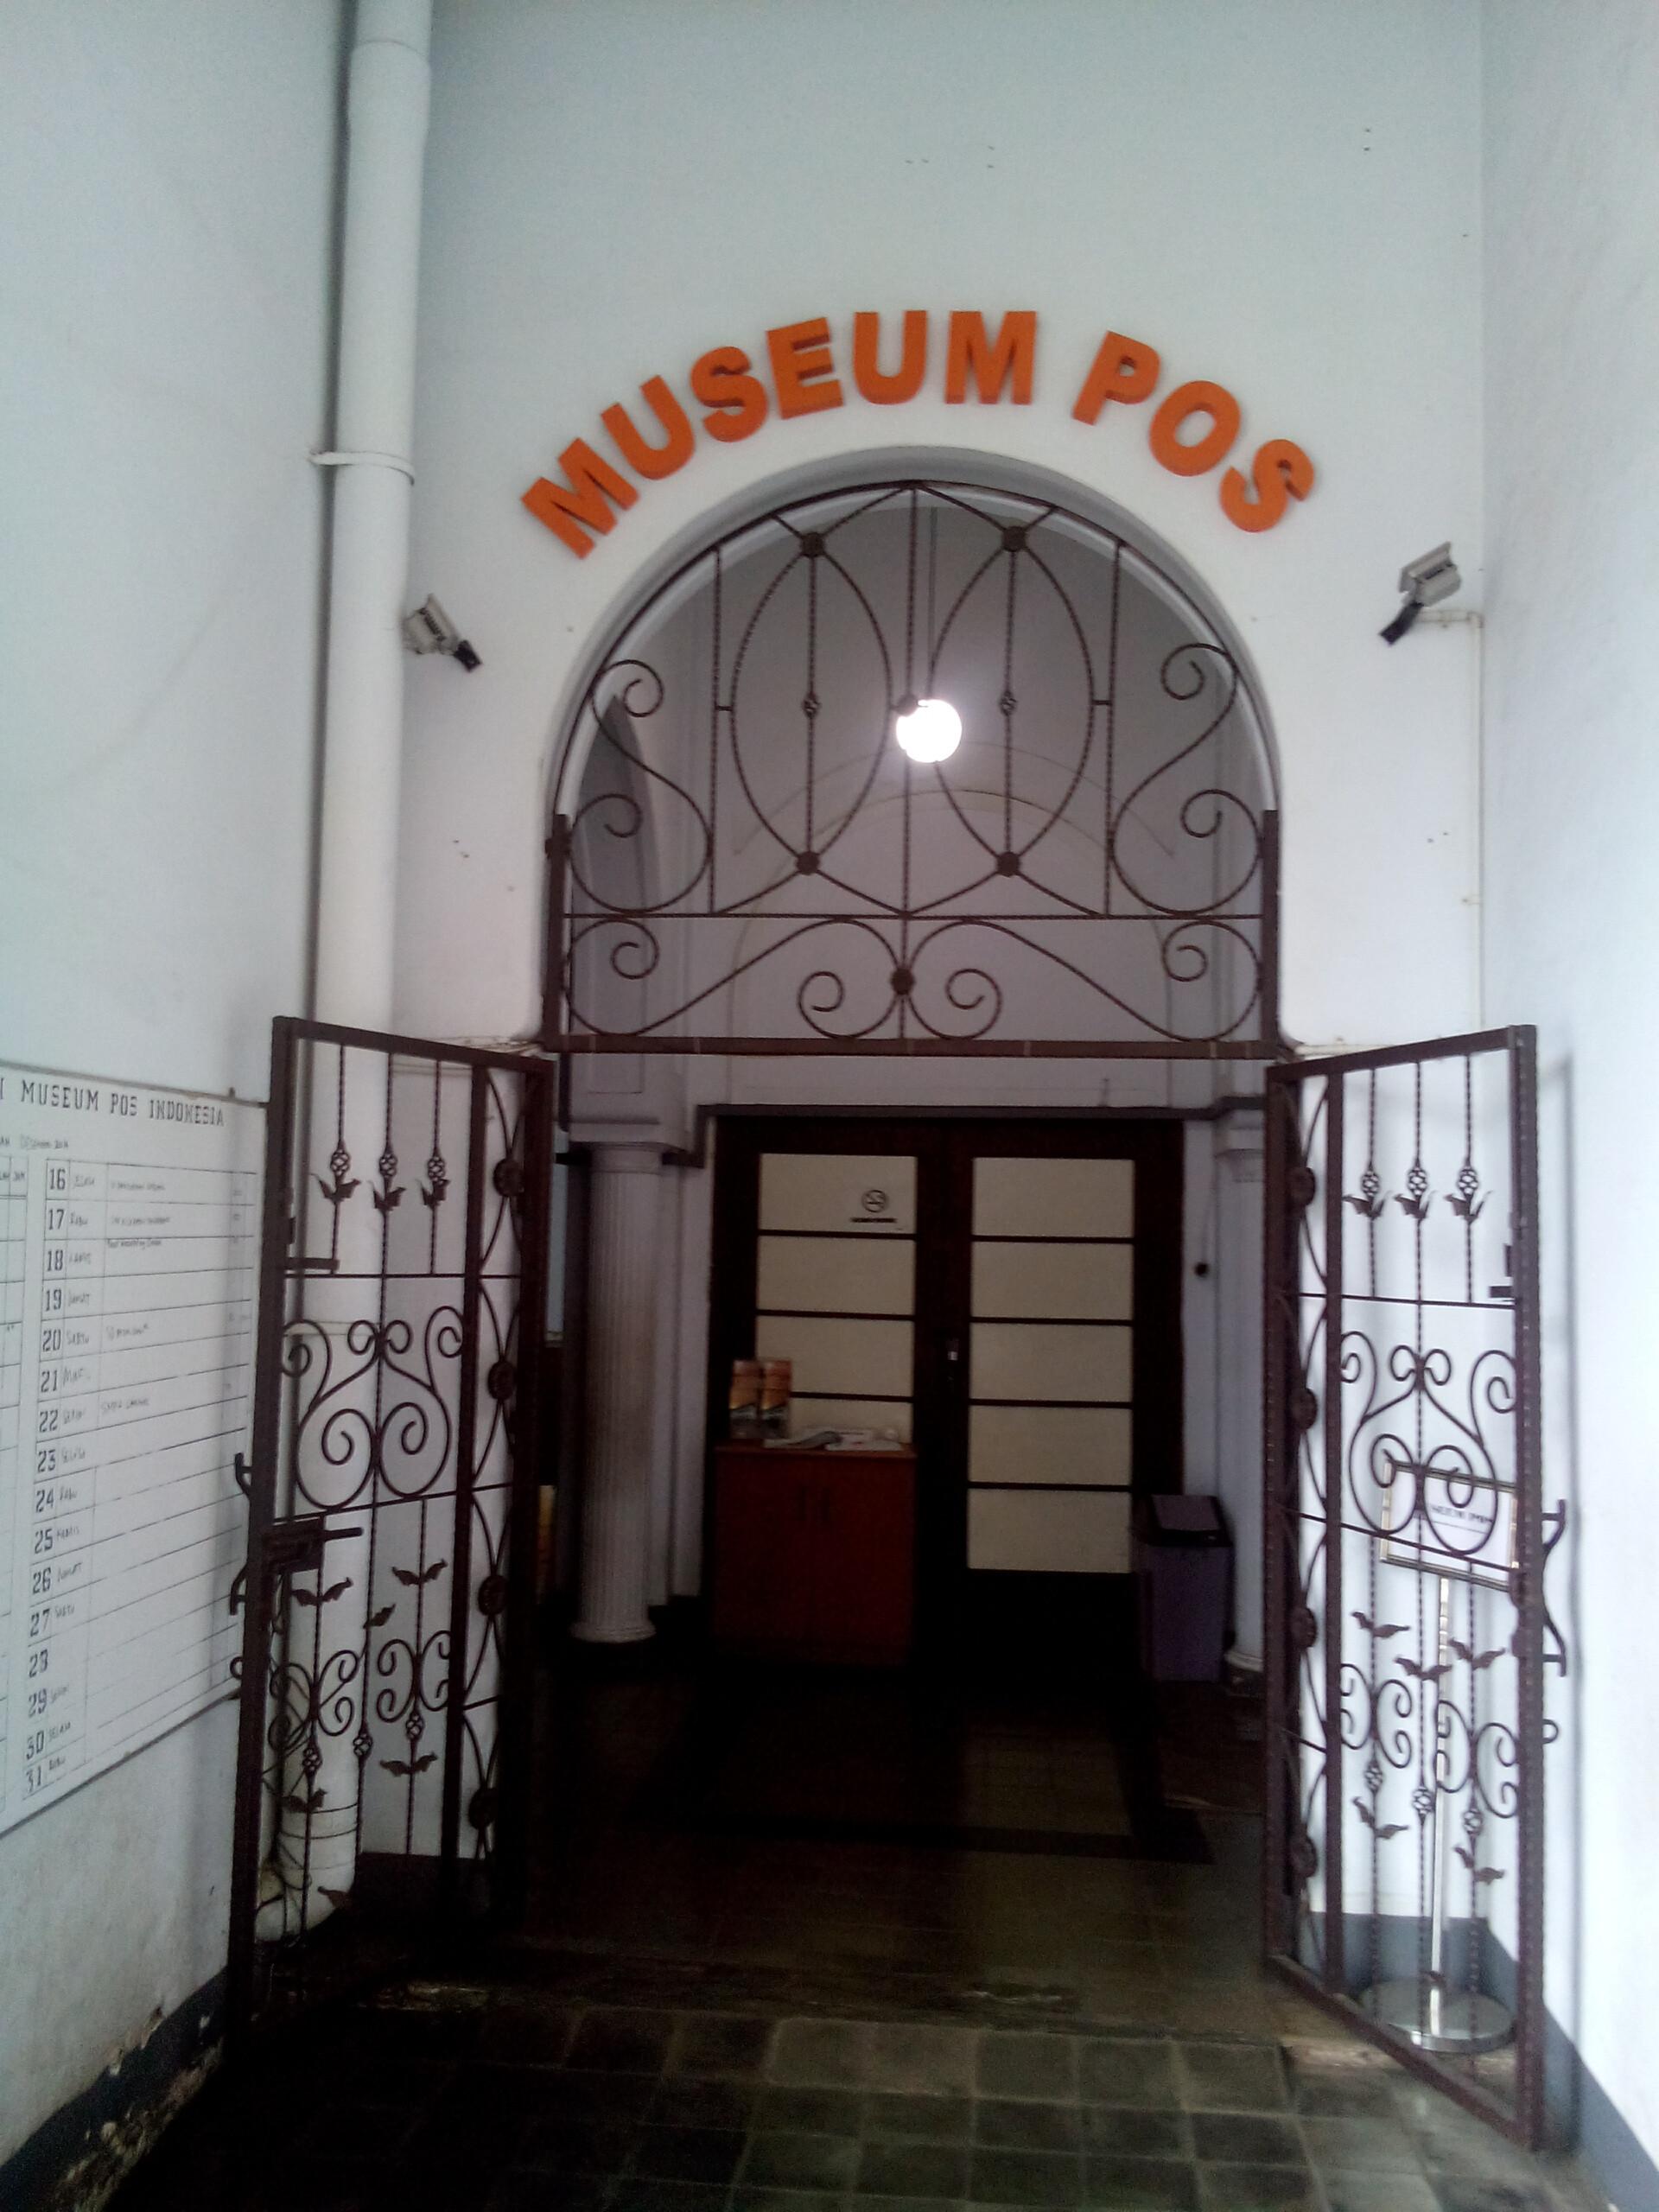 Jalan Museum Pos Geologi Journey Gerbang Bandung Kab